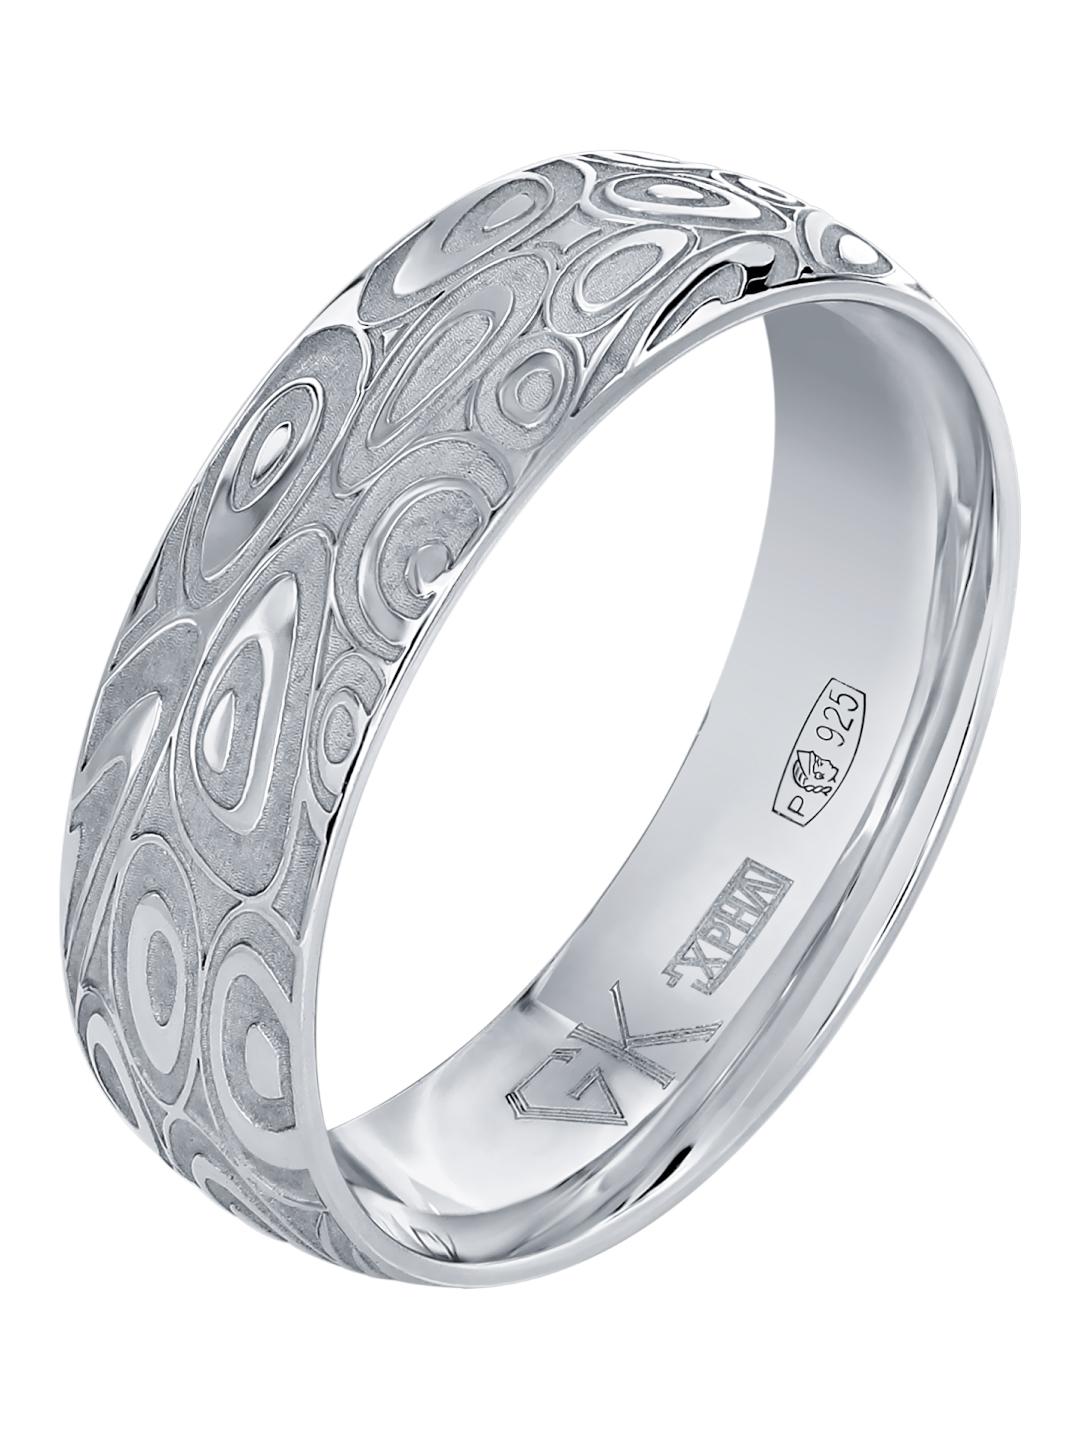 Кольца Graf Кольцов SL5-03/S женские кольца jv женское серебряное кольцо с куб циркониями f 642r 001 wg 17 5